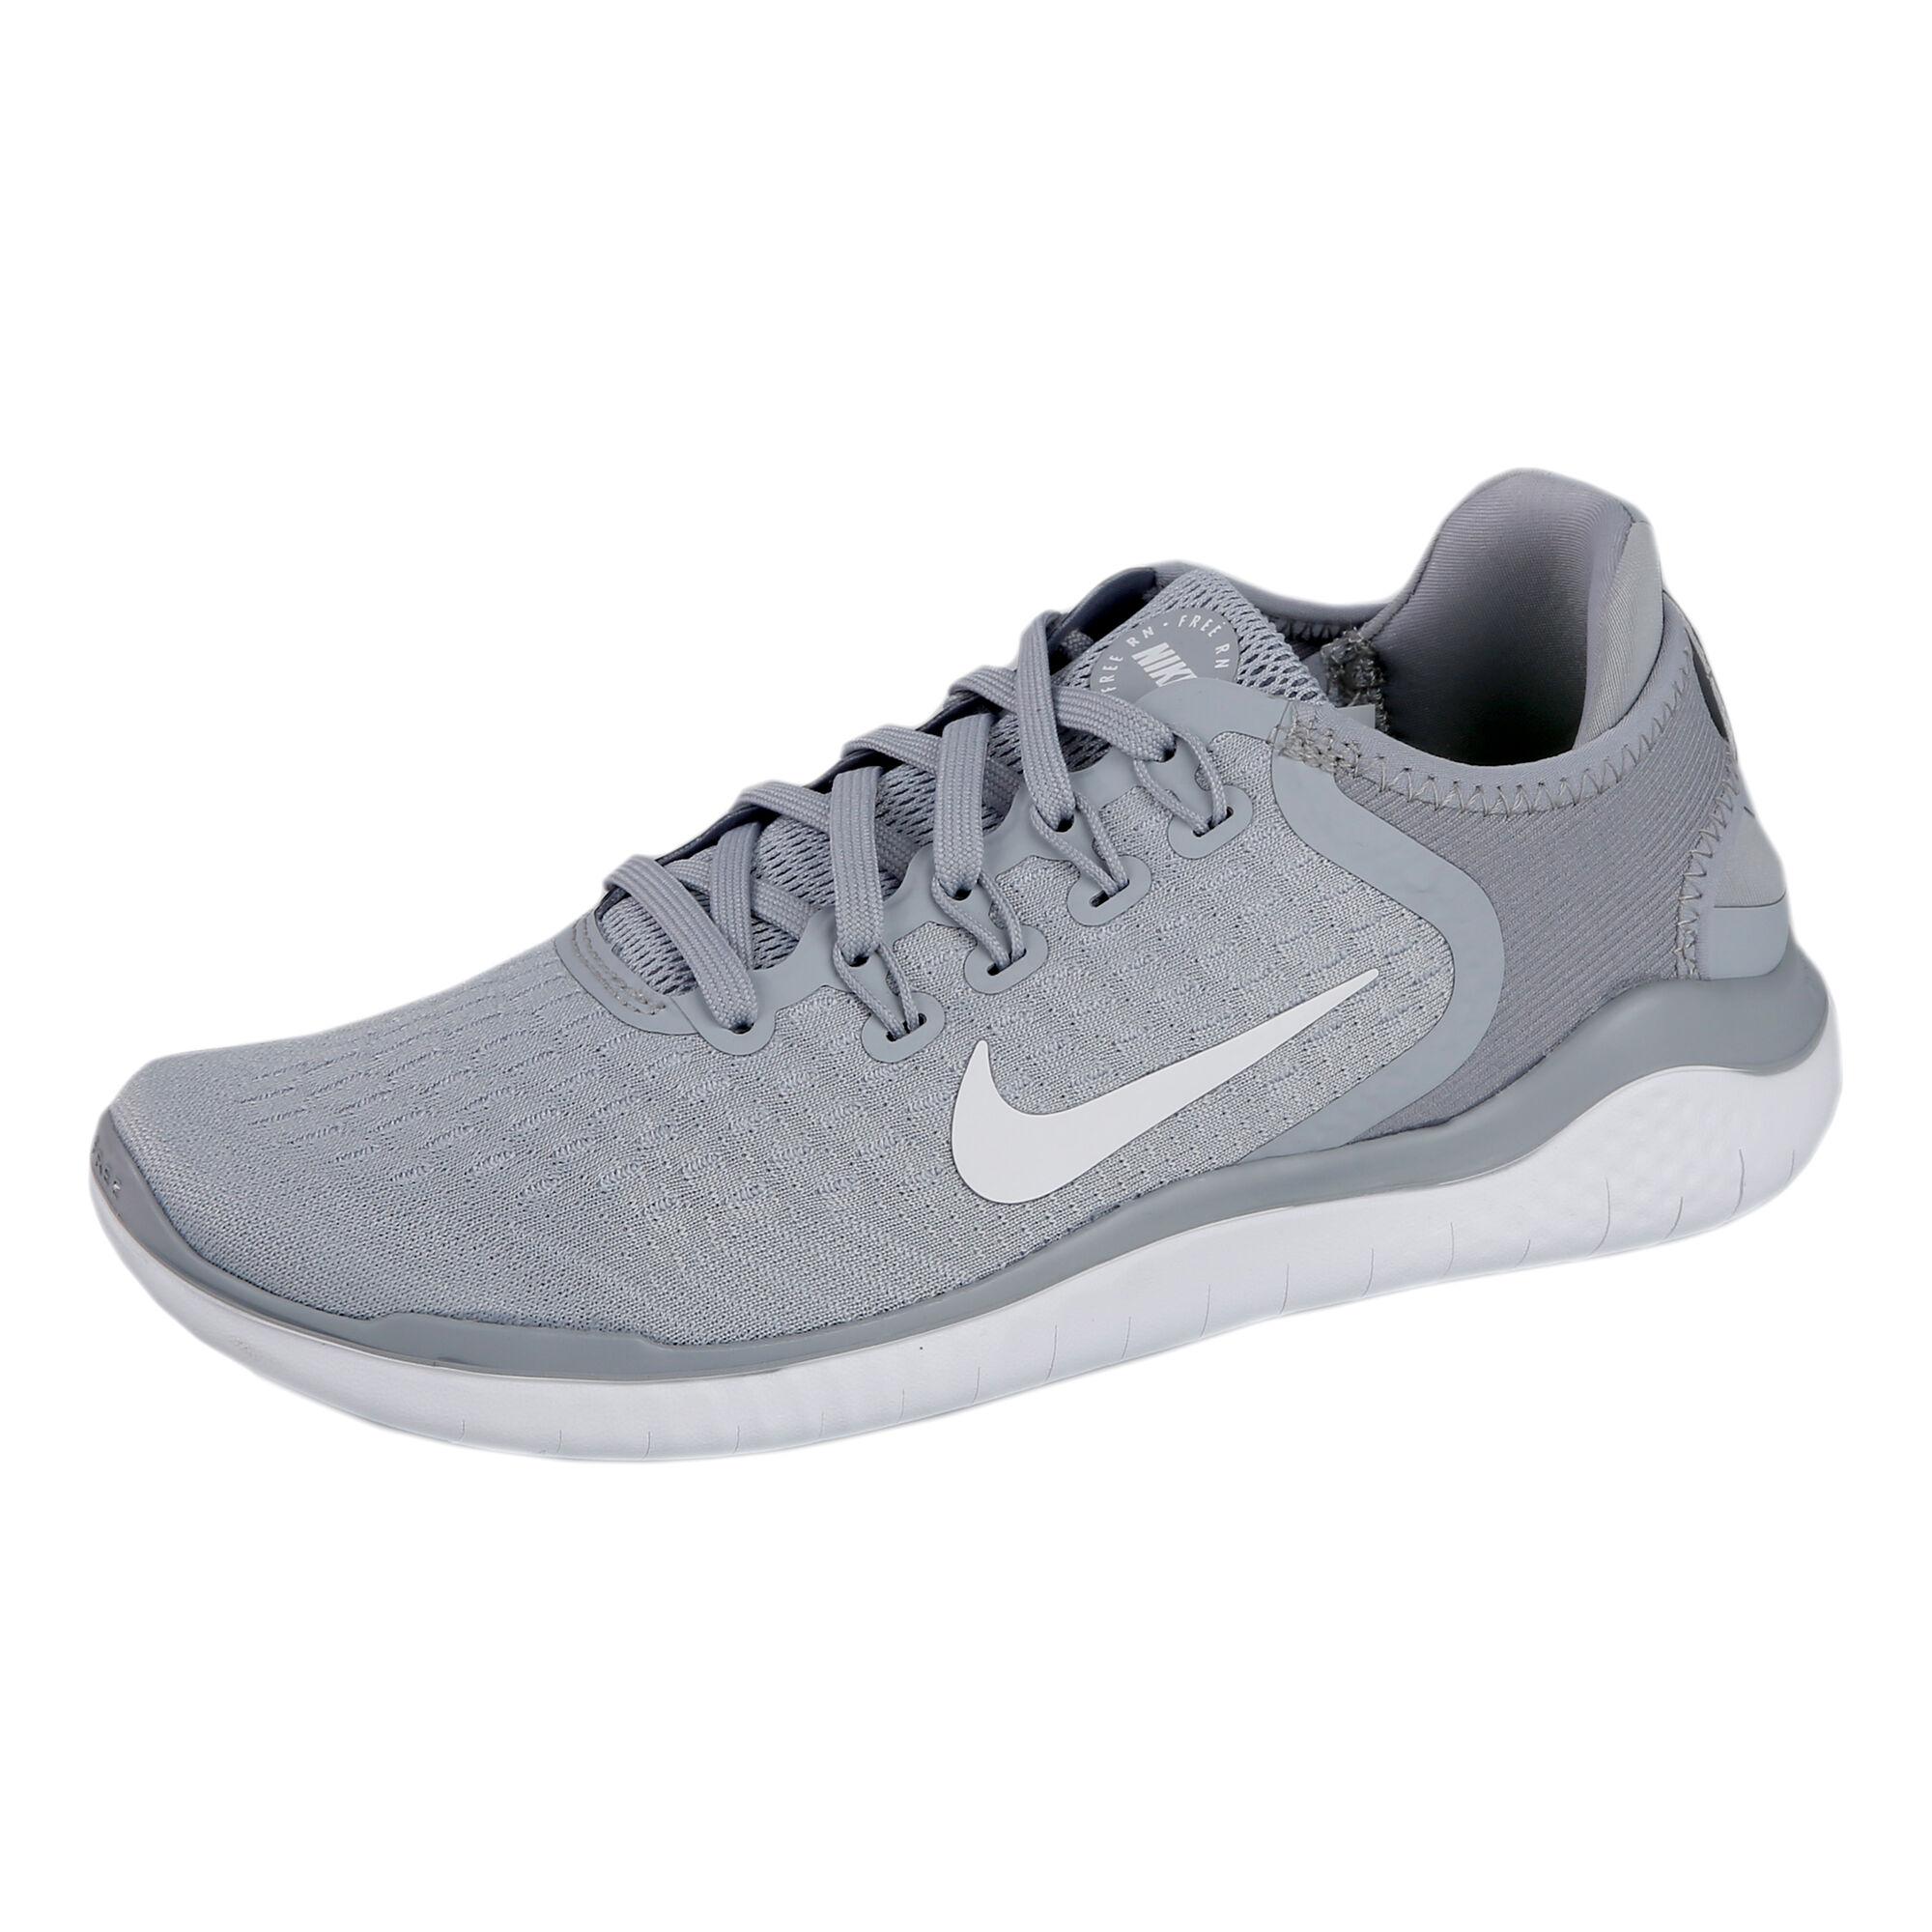 d52a07f44ba1 buy Nike Free Run 2018 Natural Running Shoe Women - Grey